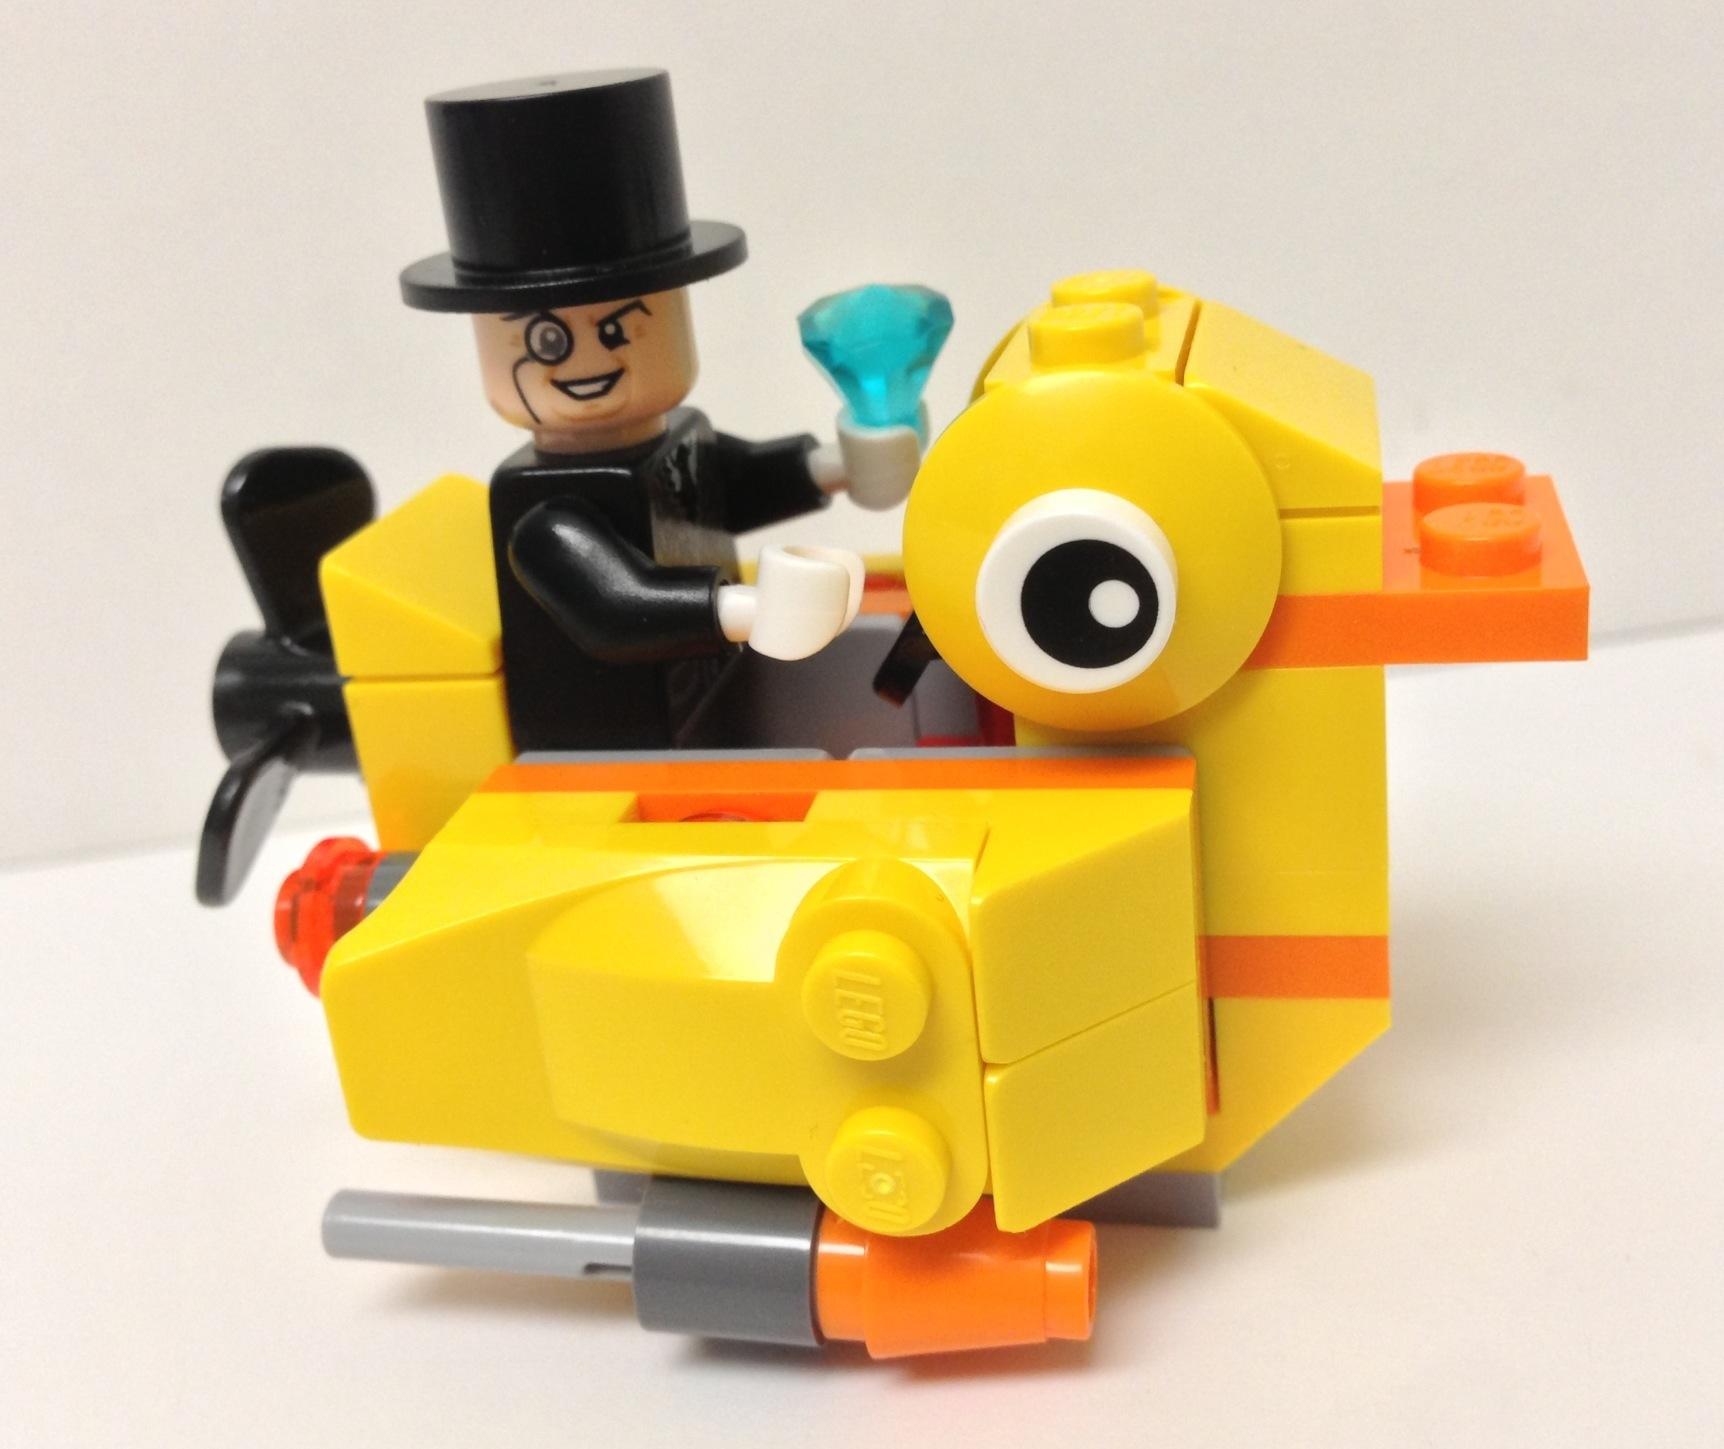 LEGO Batman Penguin Face-Off 76010 Review & Giveaway ...